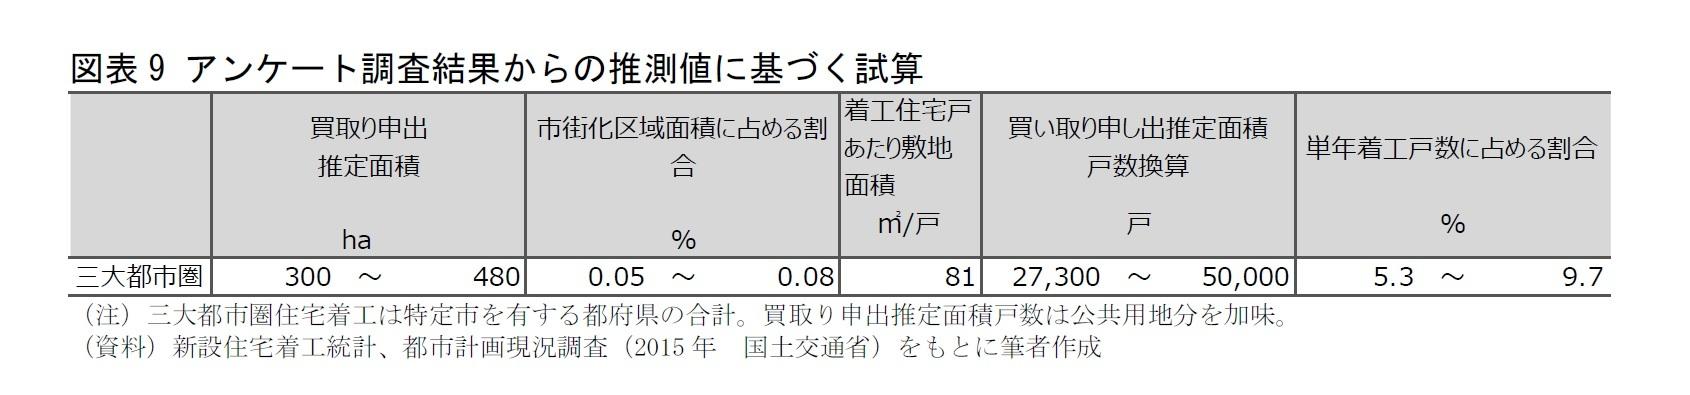 図表9 アンケート調査結果からの推測値に基づく試算